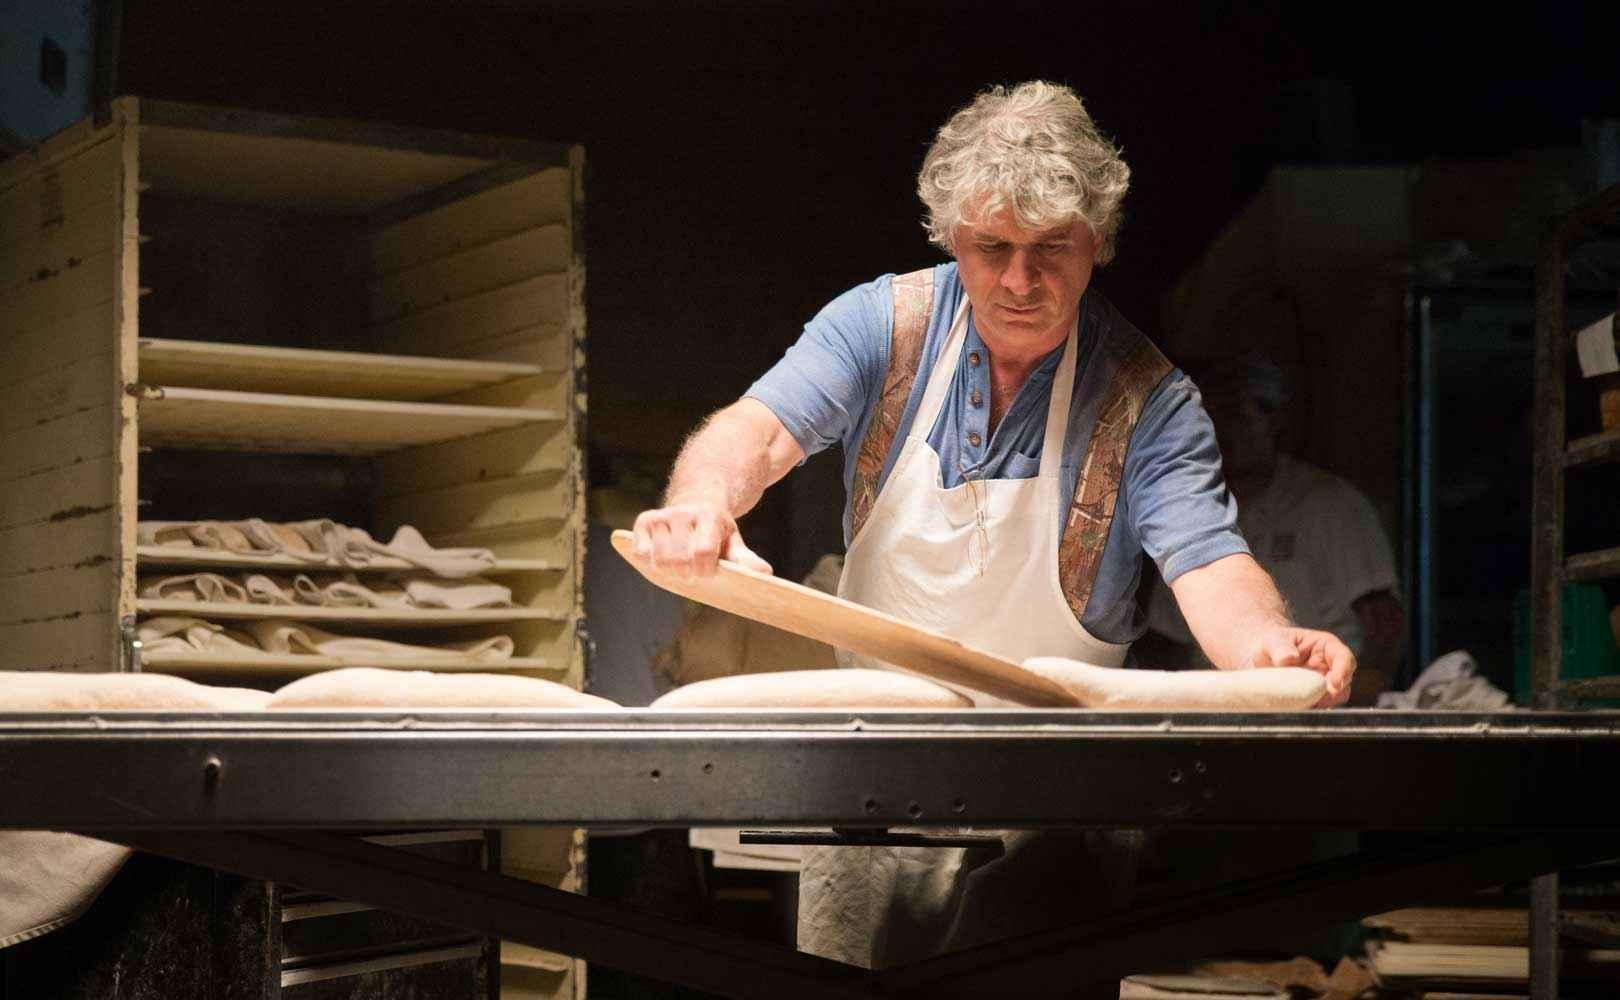 Richard Bourdon, der Bäcker in dem Film setzt alle paar Jahre einen neuen Sauerteig an